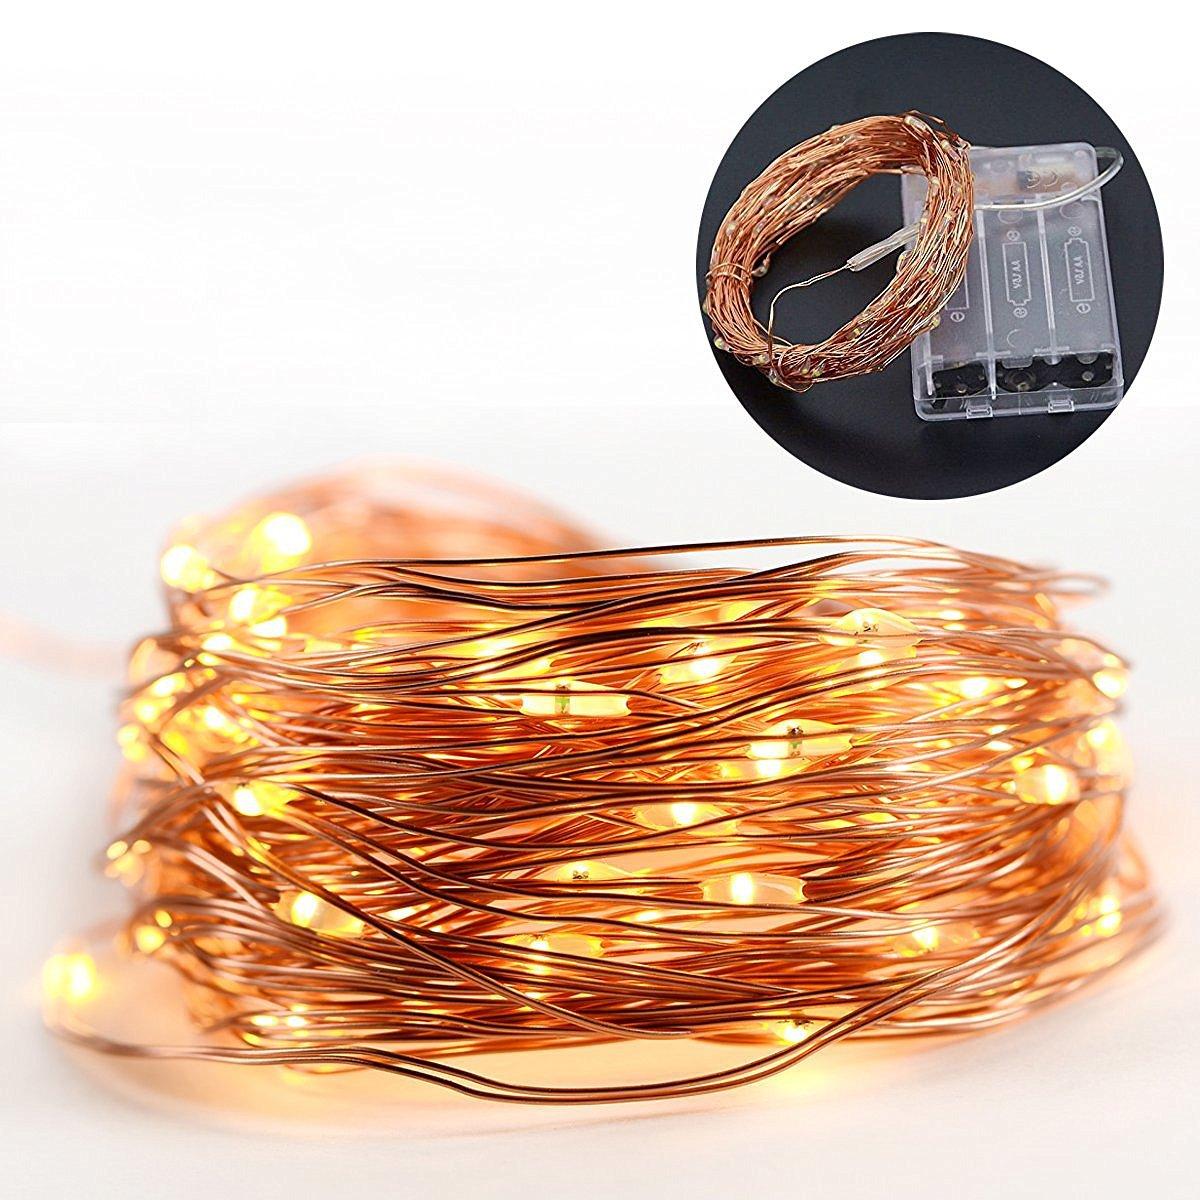 厂家直销电池盒铜线灯串led铜线灯节日婚庆圣诞装饰灯铜丝彩灯